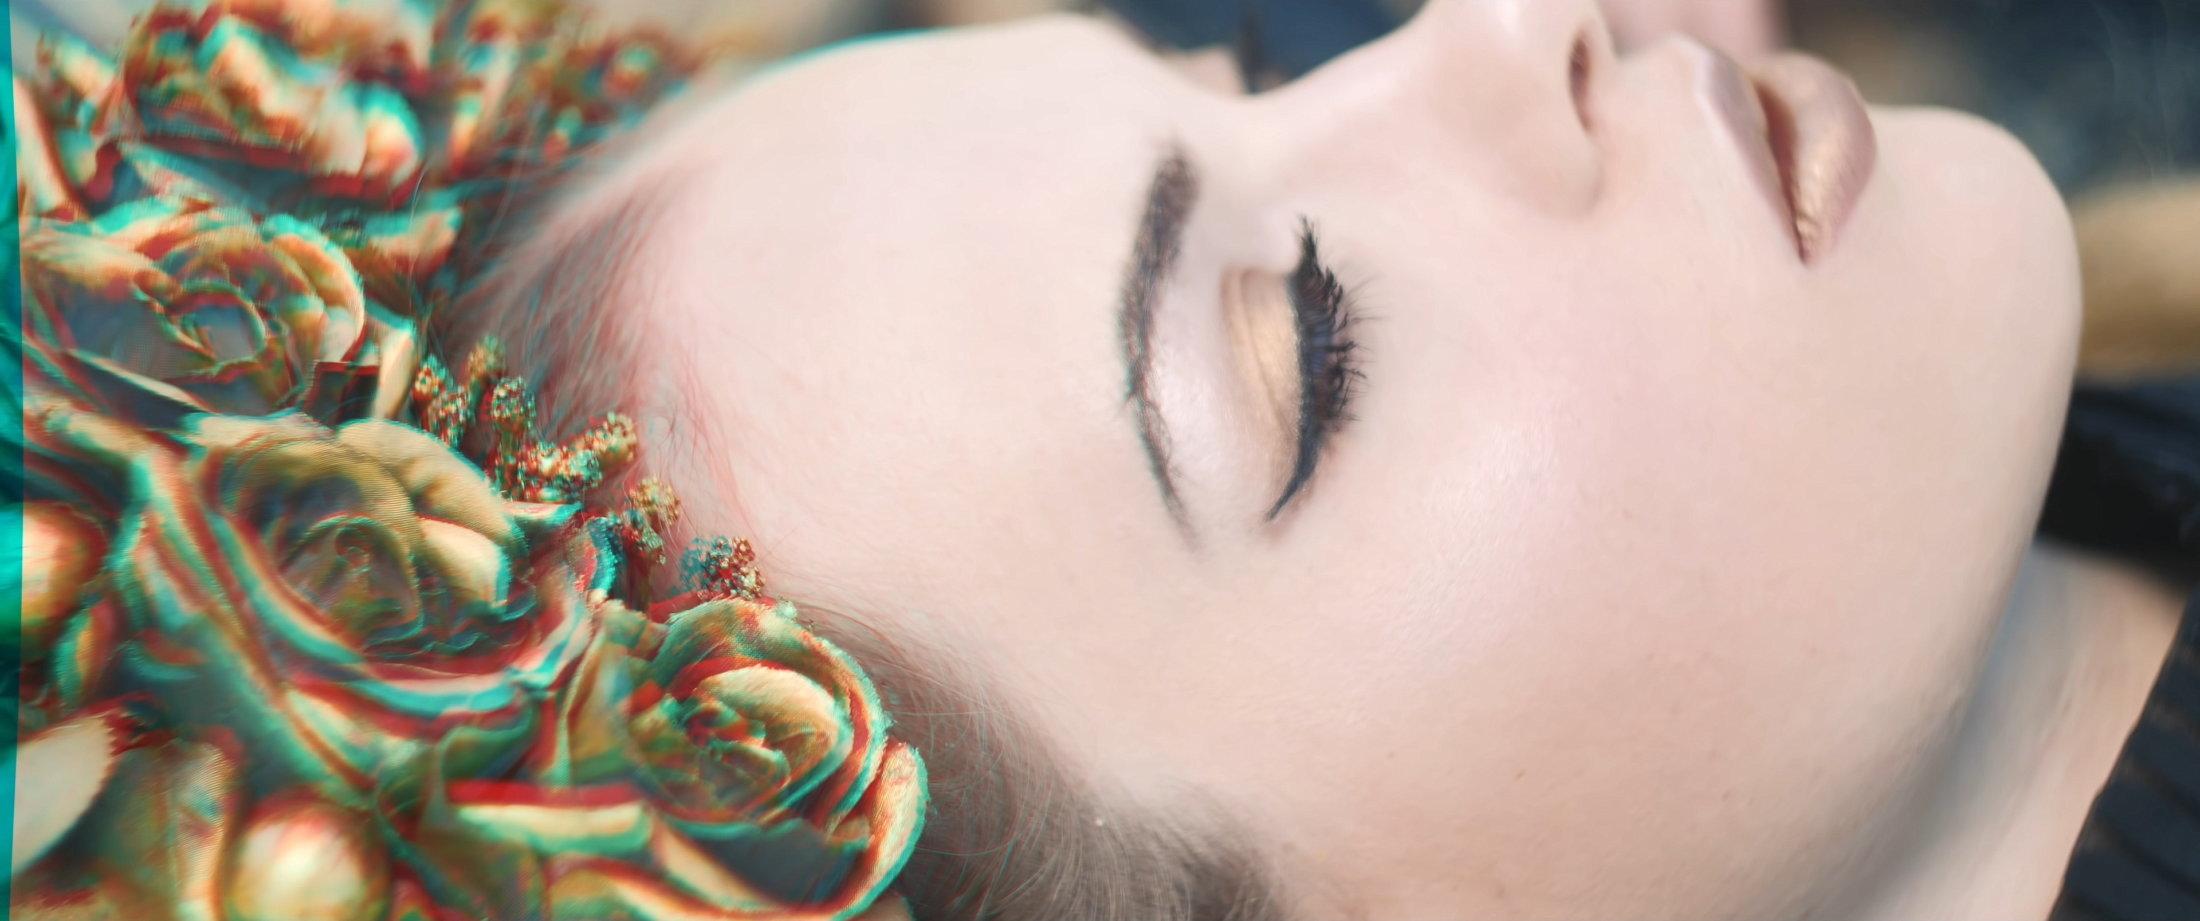 OMNIMAR - Feels Like Velvet (Official Video) 2-34 Screenshot